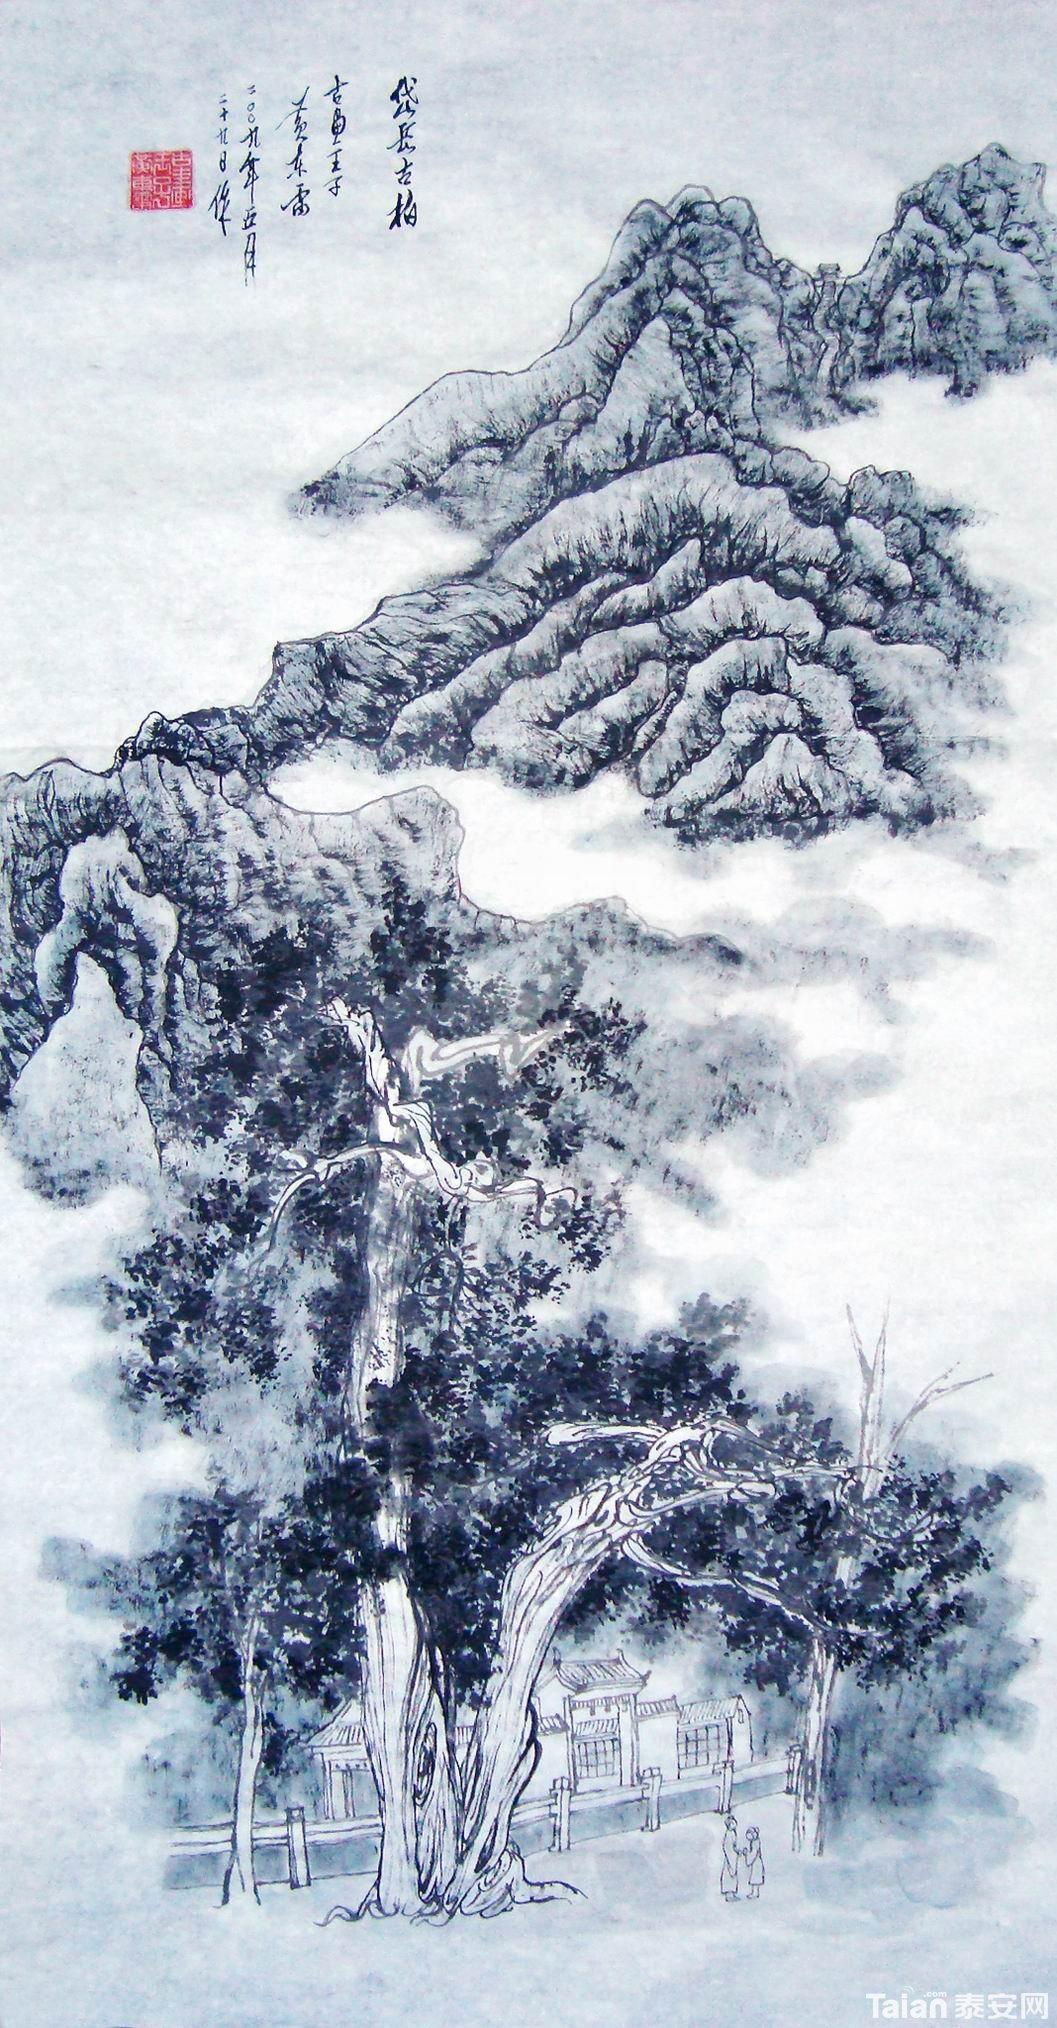 黄东雷 泰山岱岳国画-2.jpg